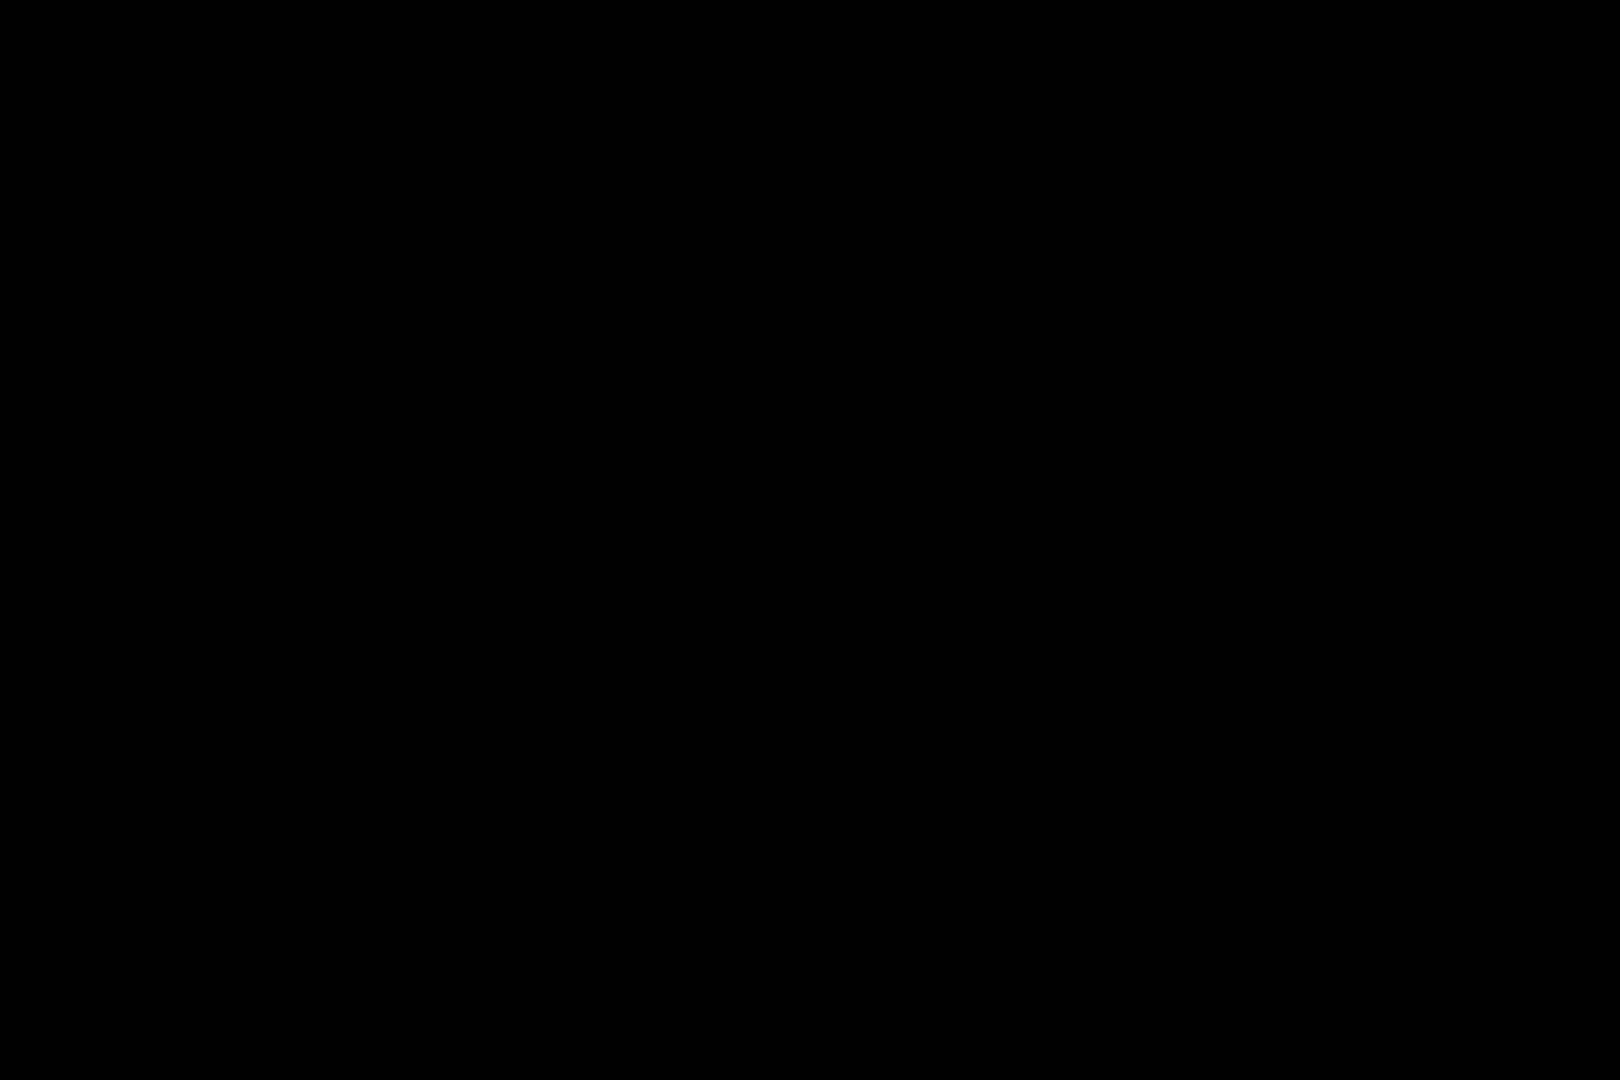 充血監督の深夜の運動会Vol.226 車中はめどり 濡れ場動画紹介 80画像 59